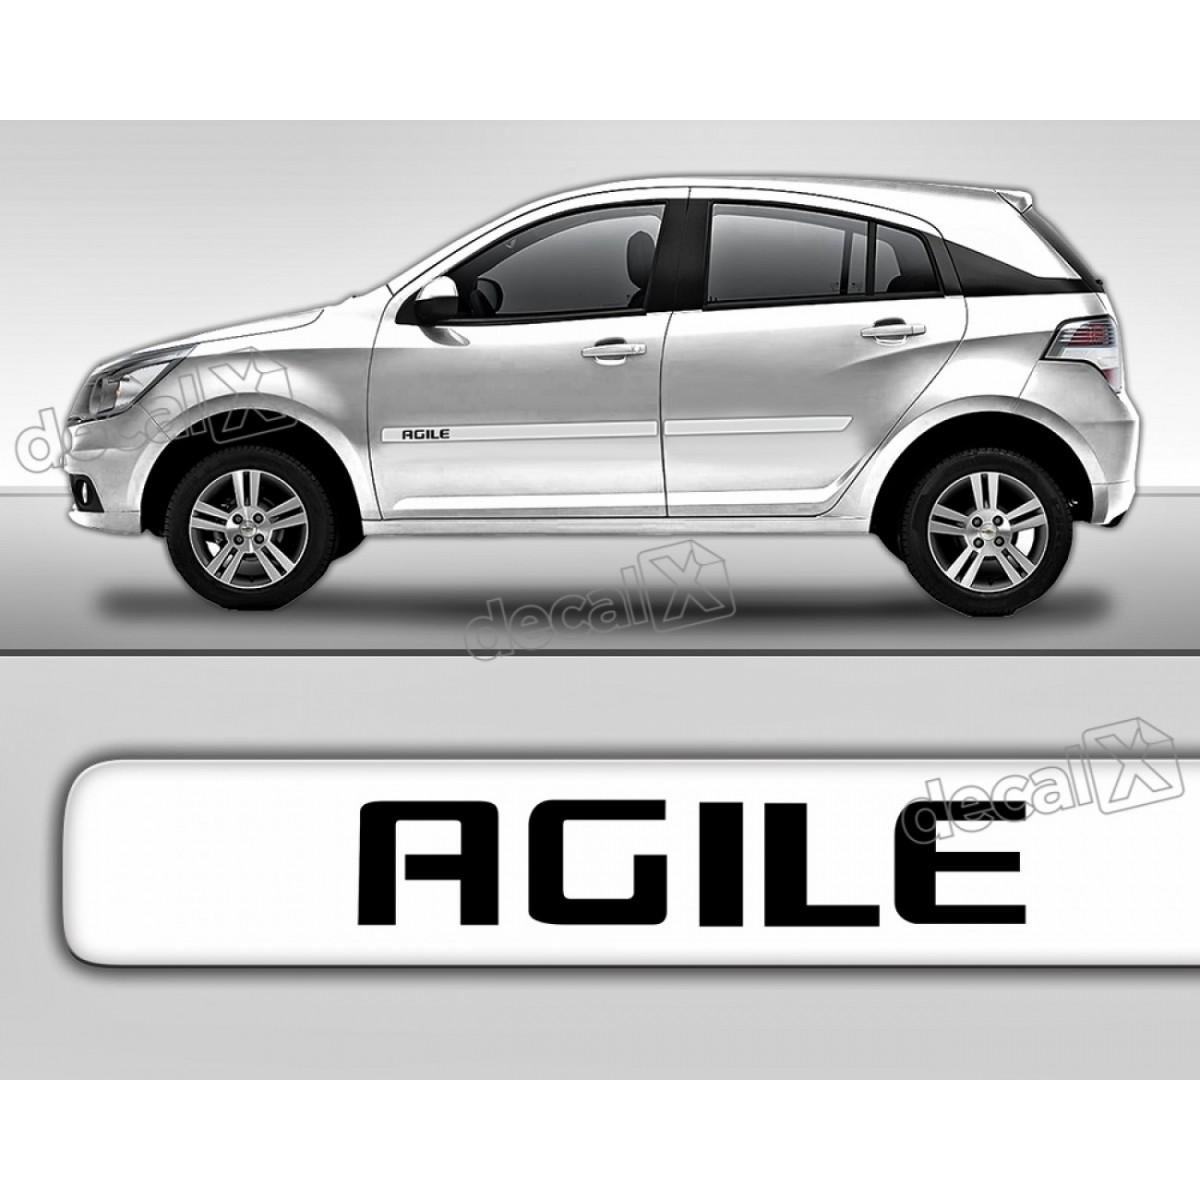 Adesivo Friso Chevrolet Agile Lateral Resinado Transparente